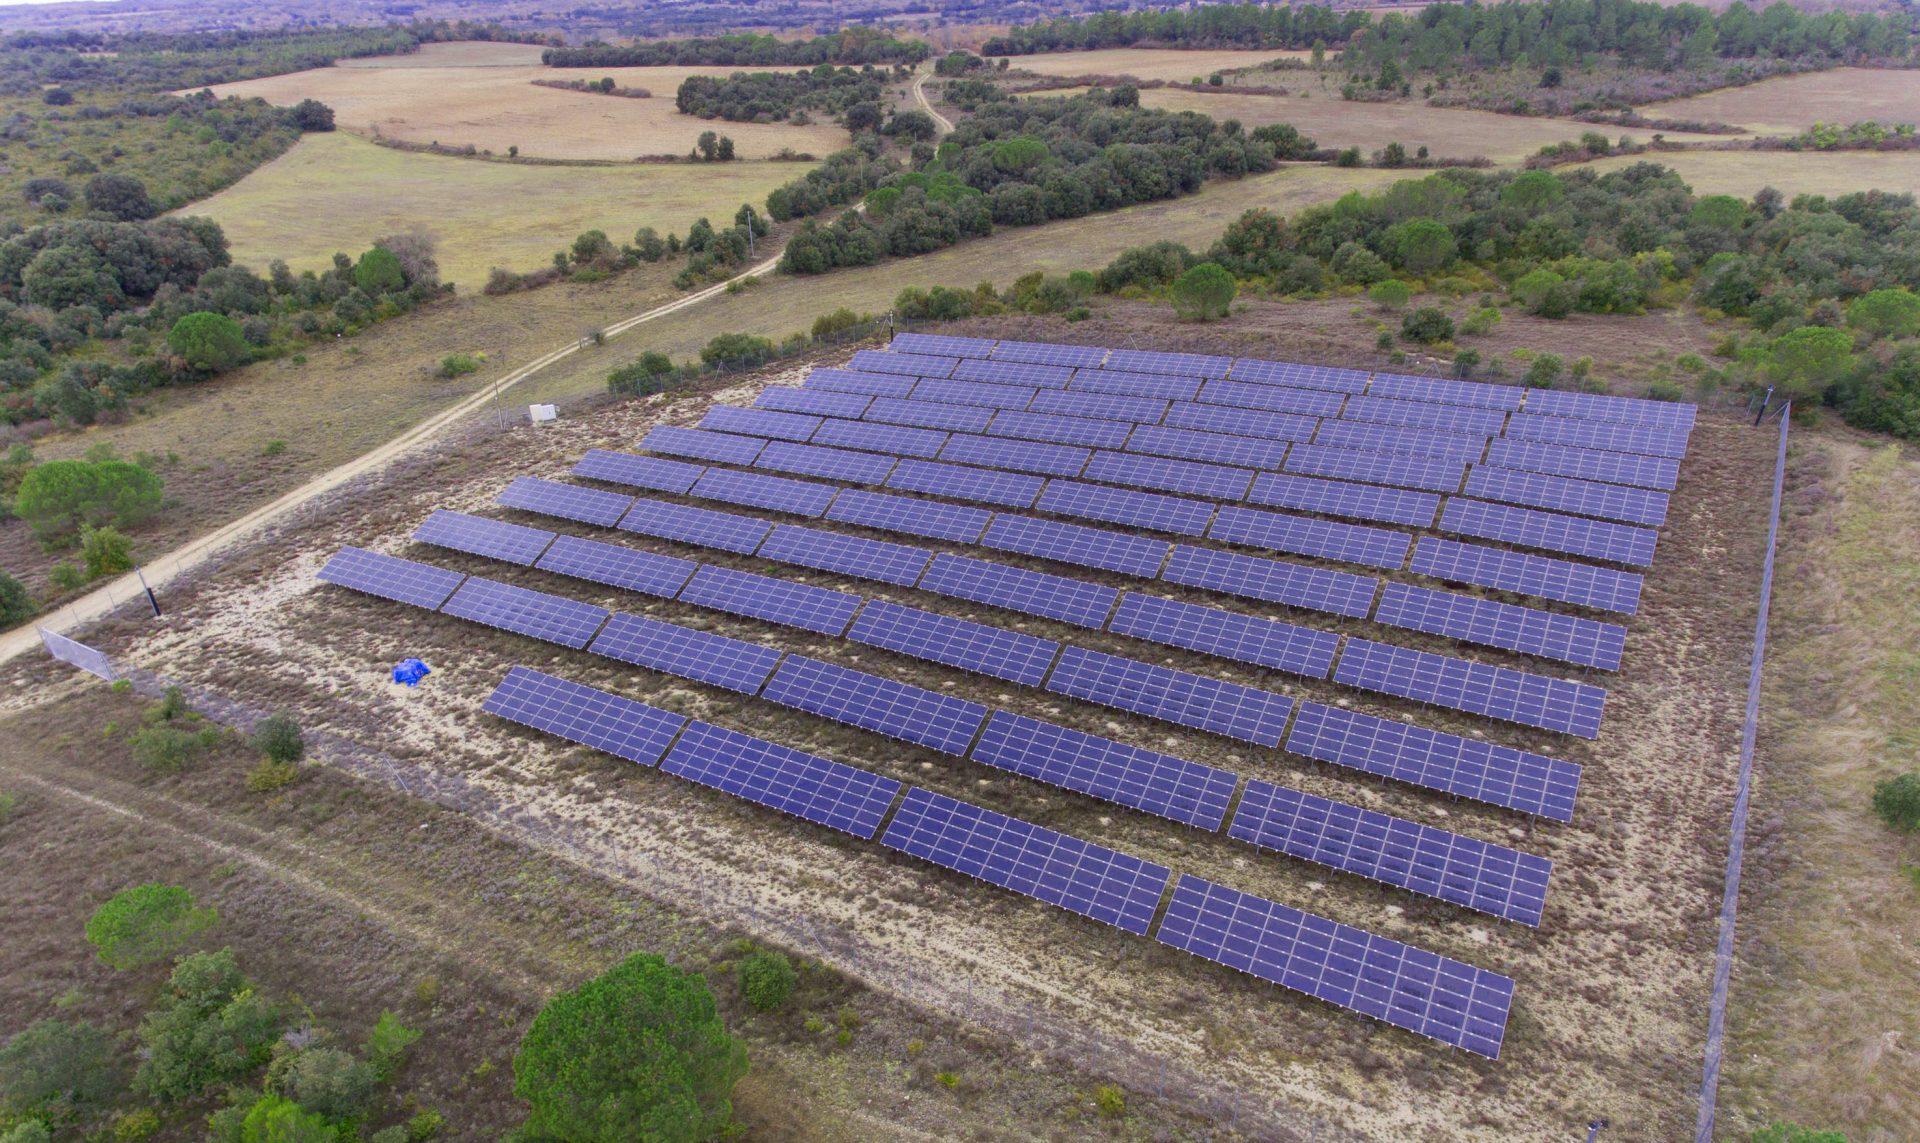 Vue drone d'un parc photovoltaïque.